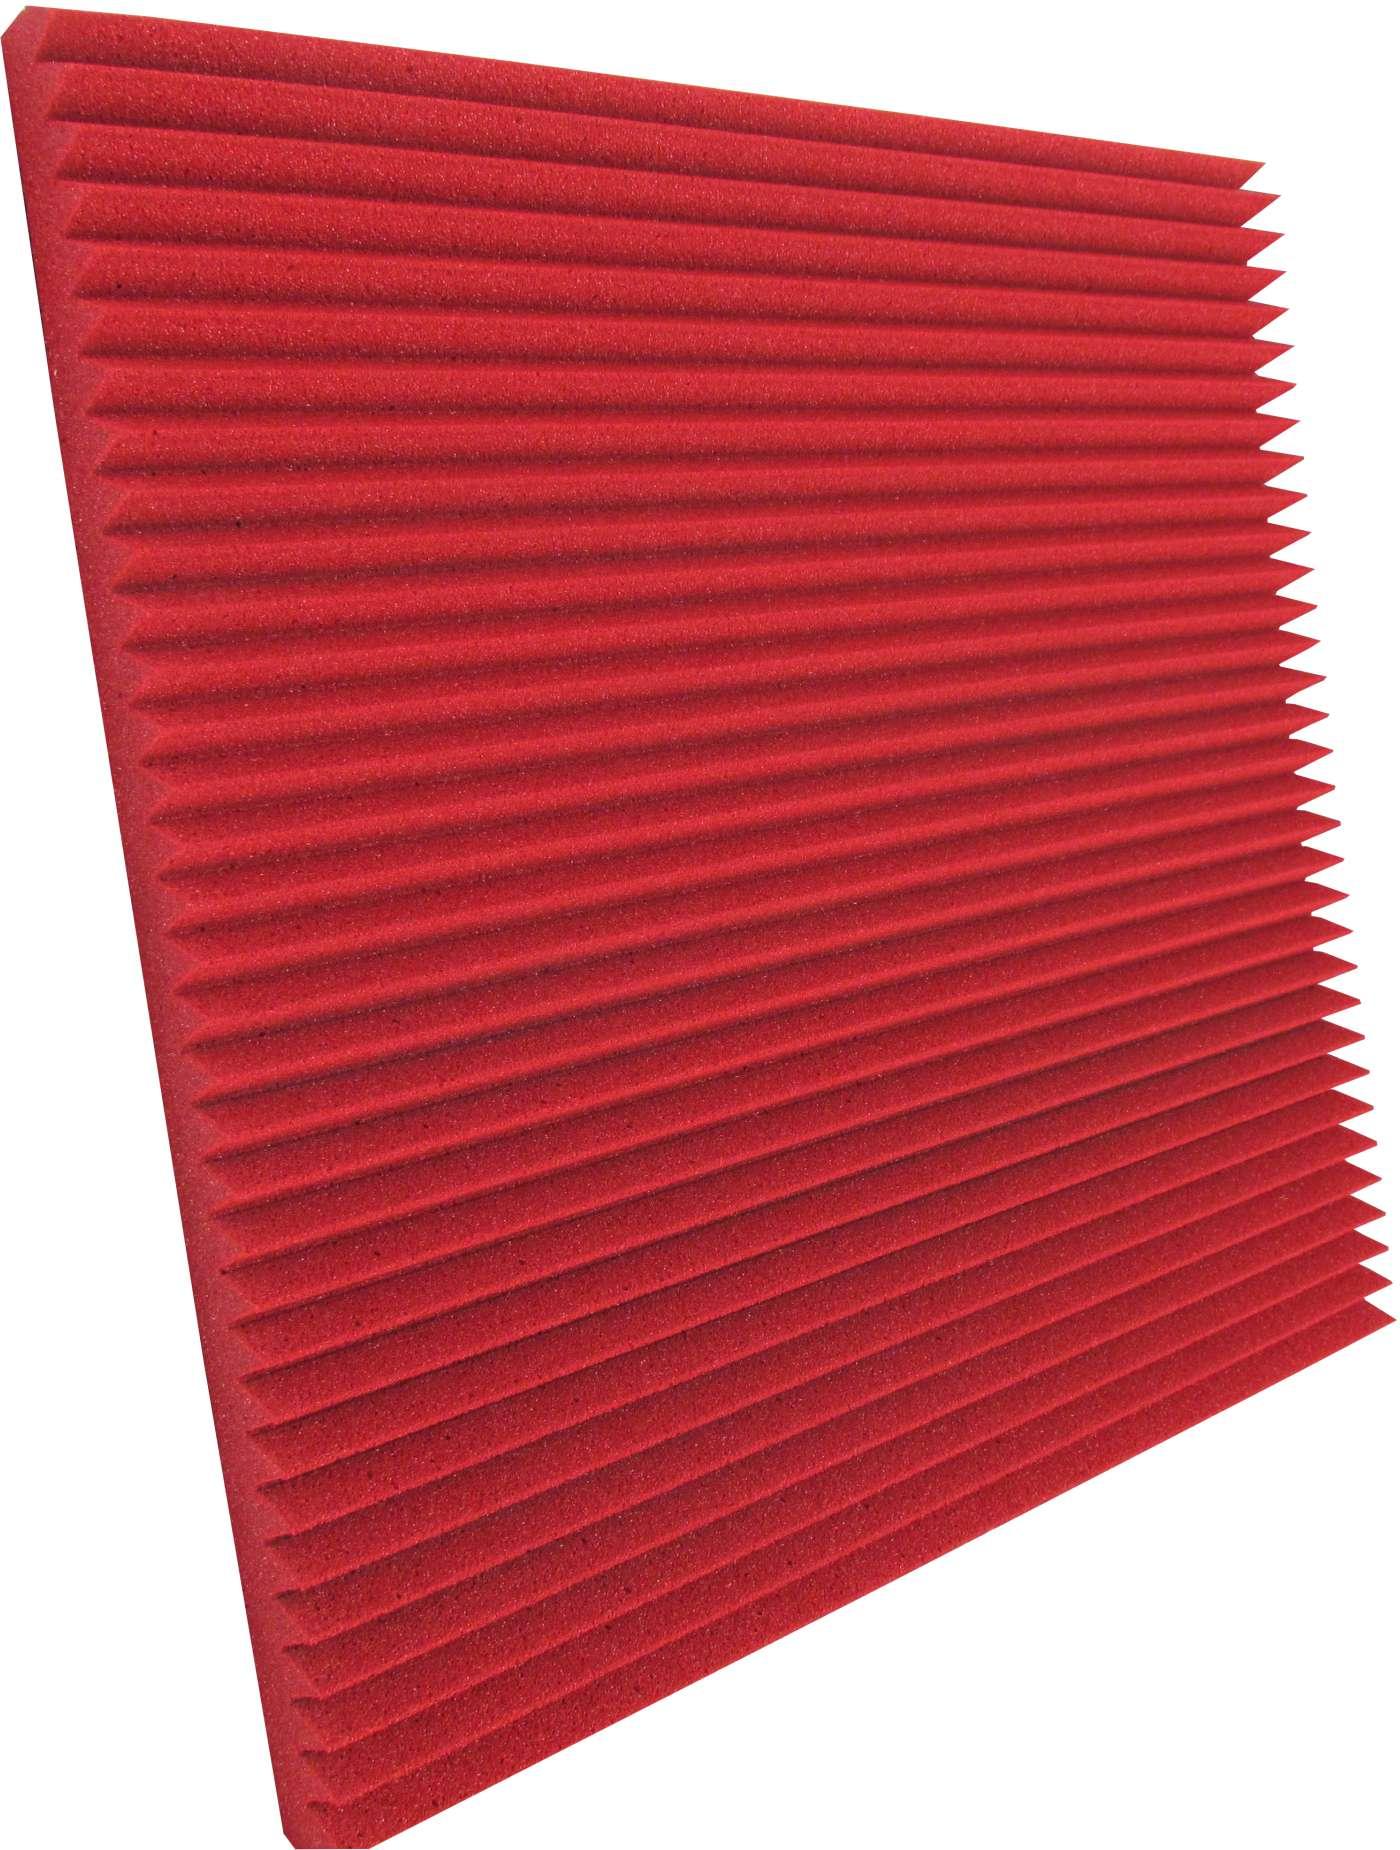 Espuma acústica Linha REV - W - Vermelho - Kit 4 peças (1m²)  - Loja SPL Acústica